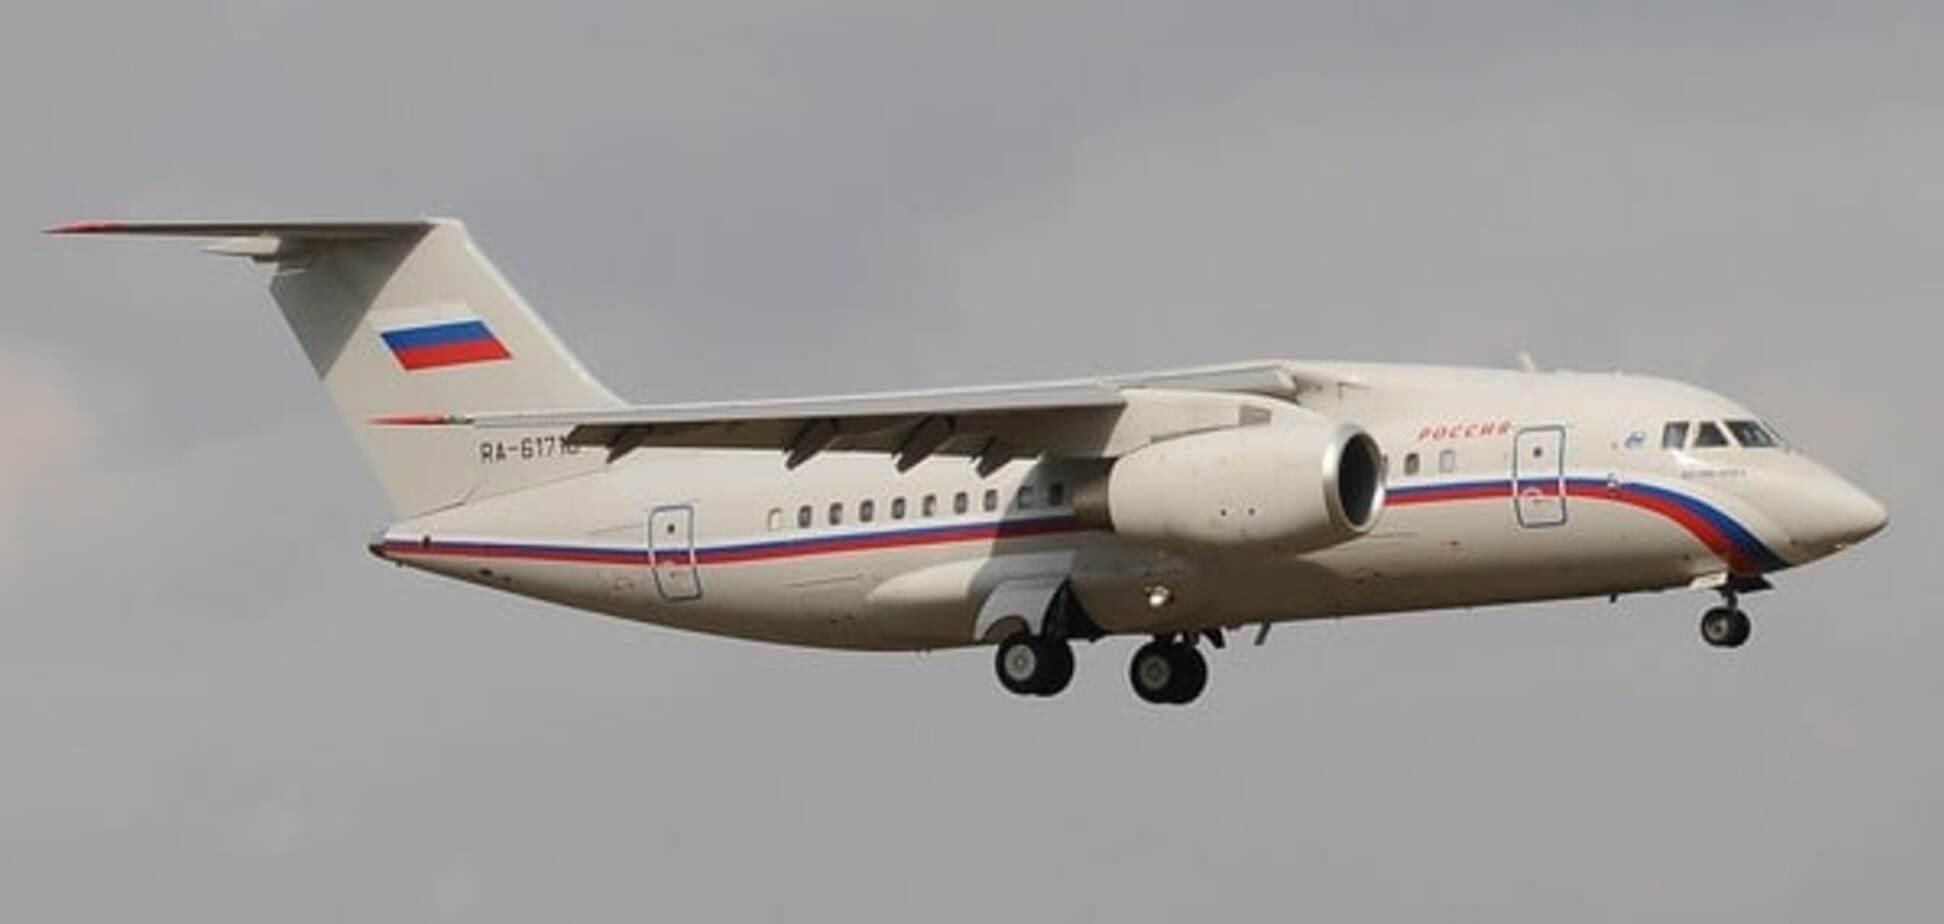 Ан-148 RA-61716